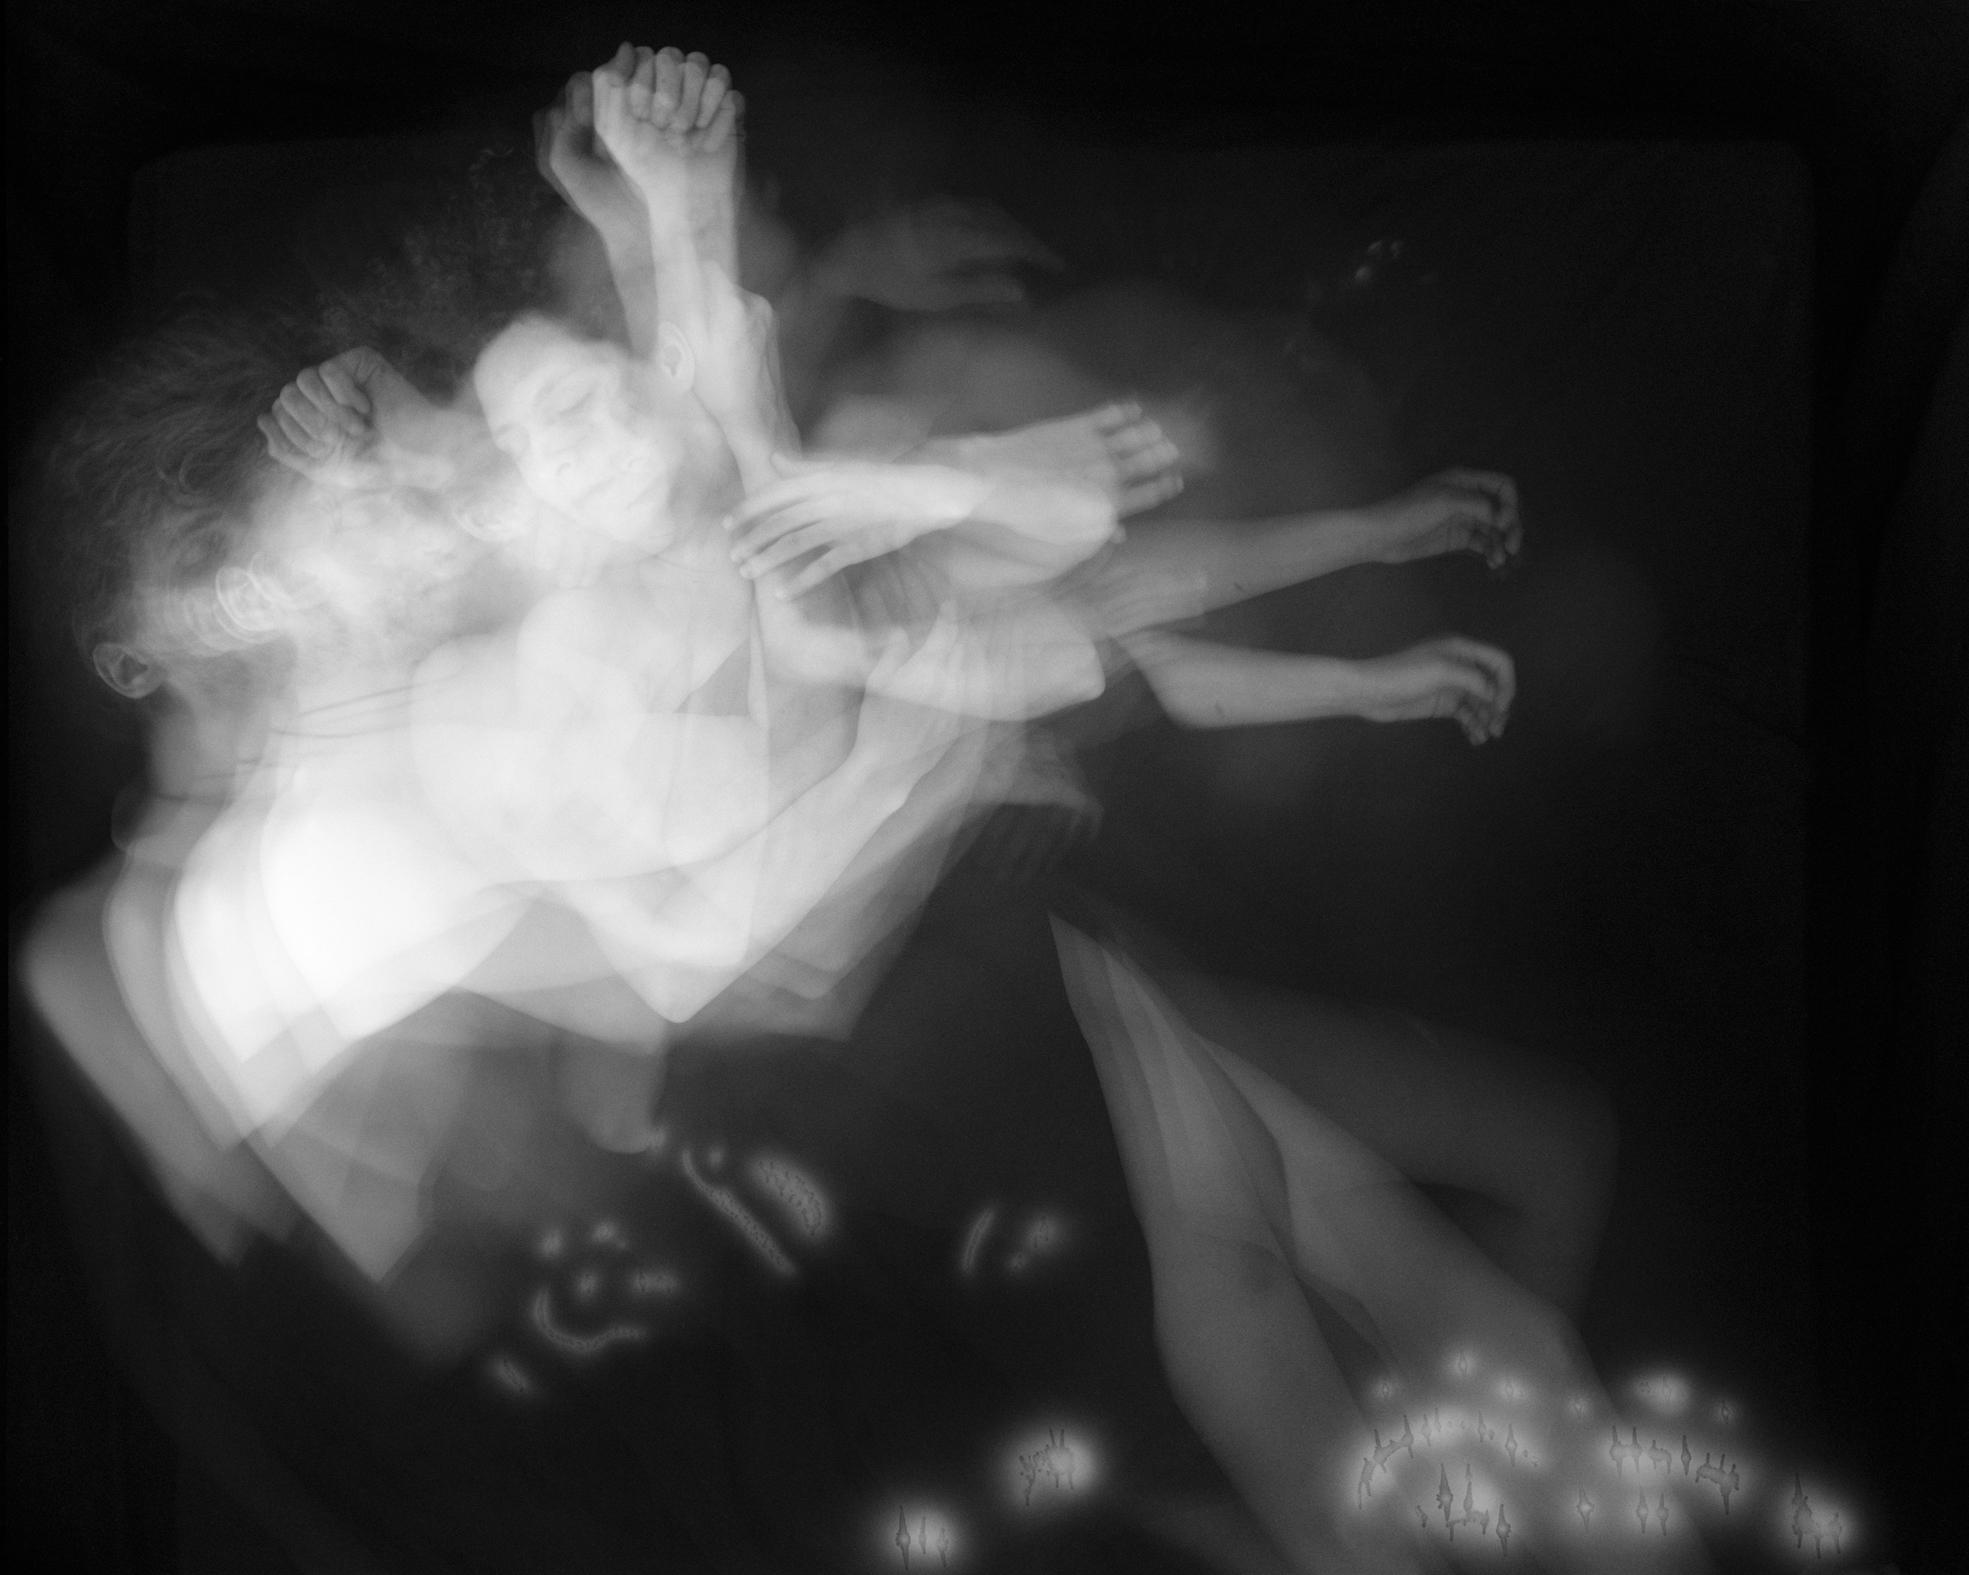 Uyuyan çiftlerin gecesini bir karede özetleyen büyüleyici fotoğraflar